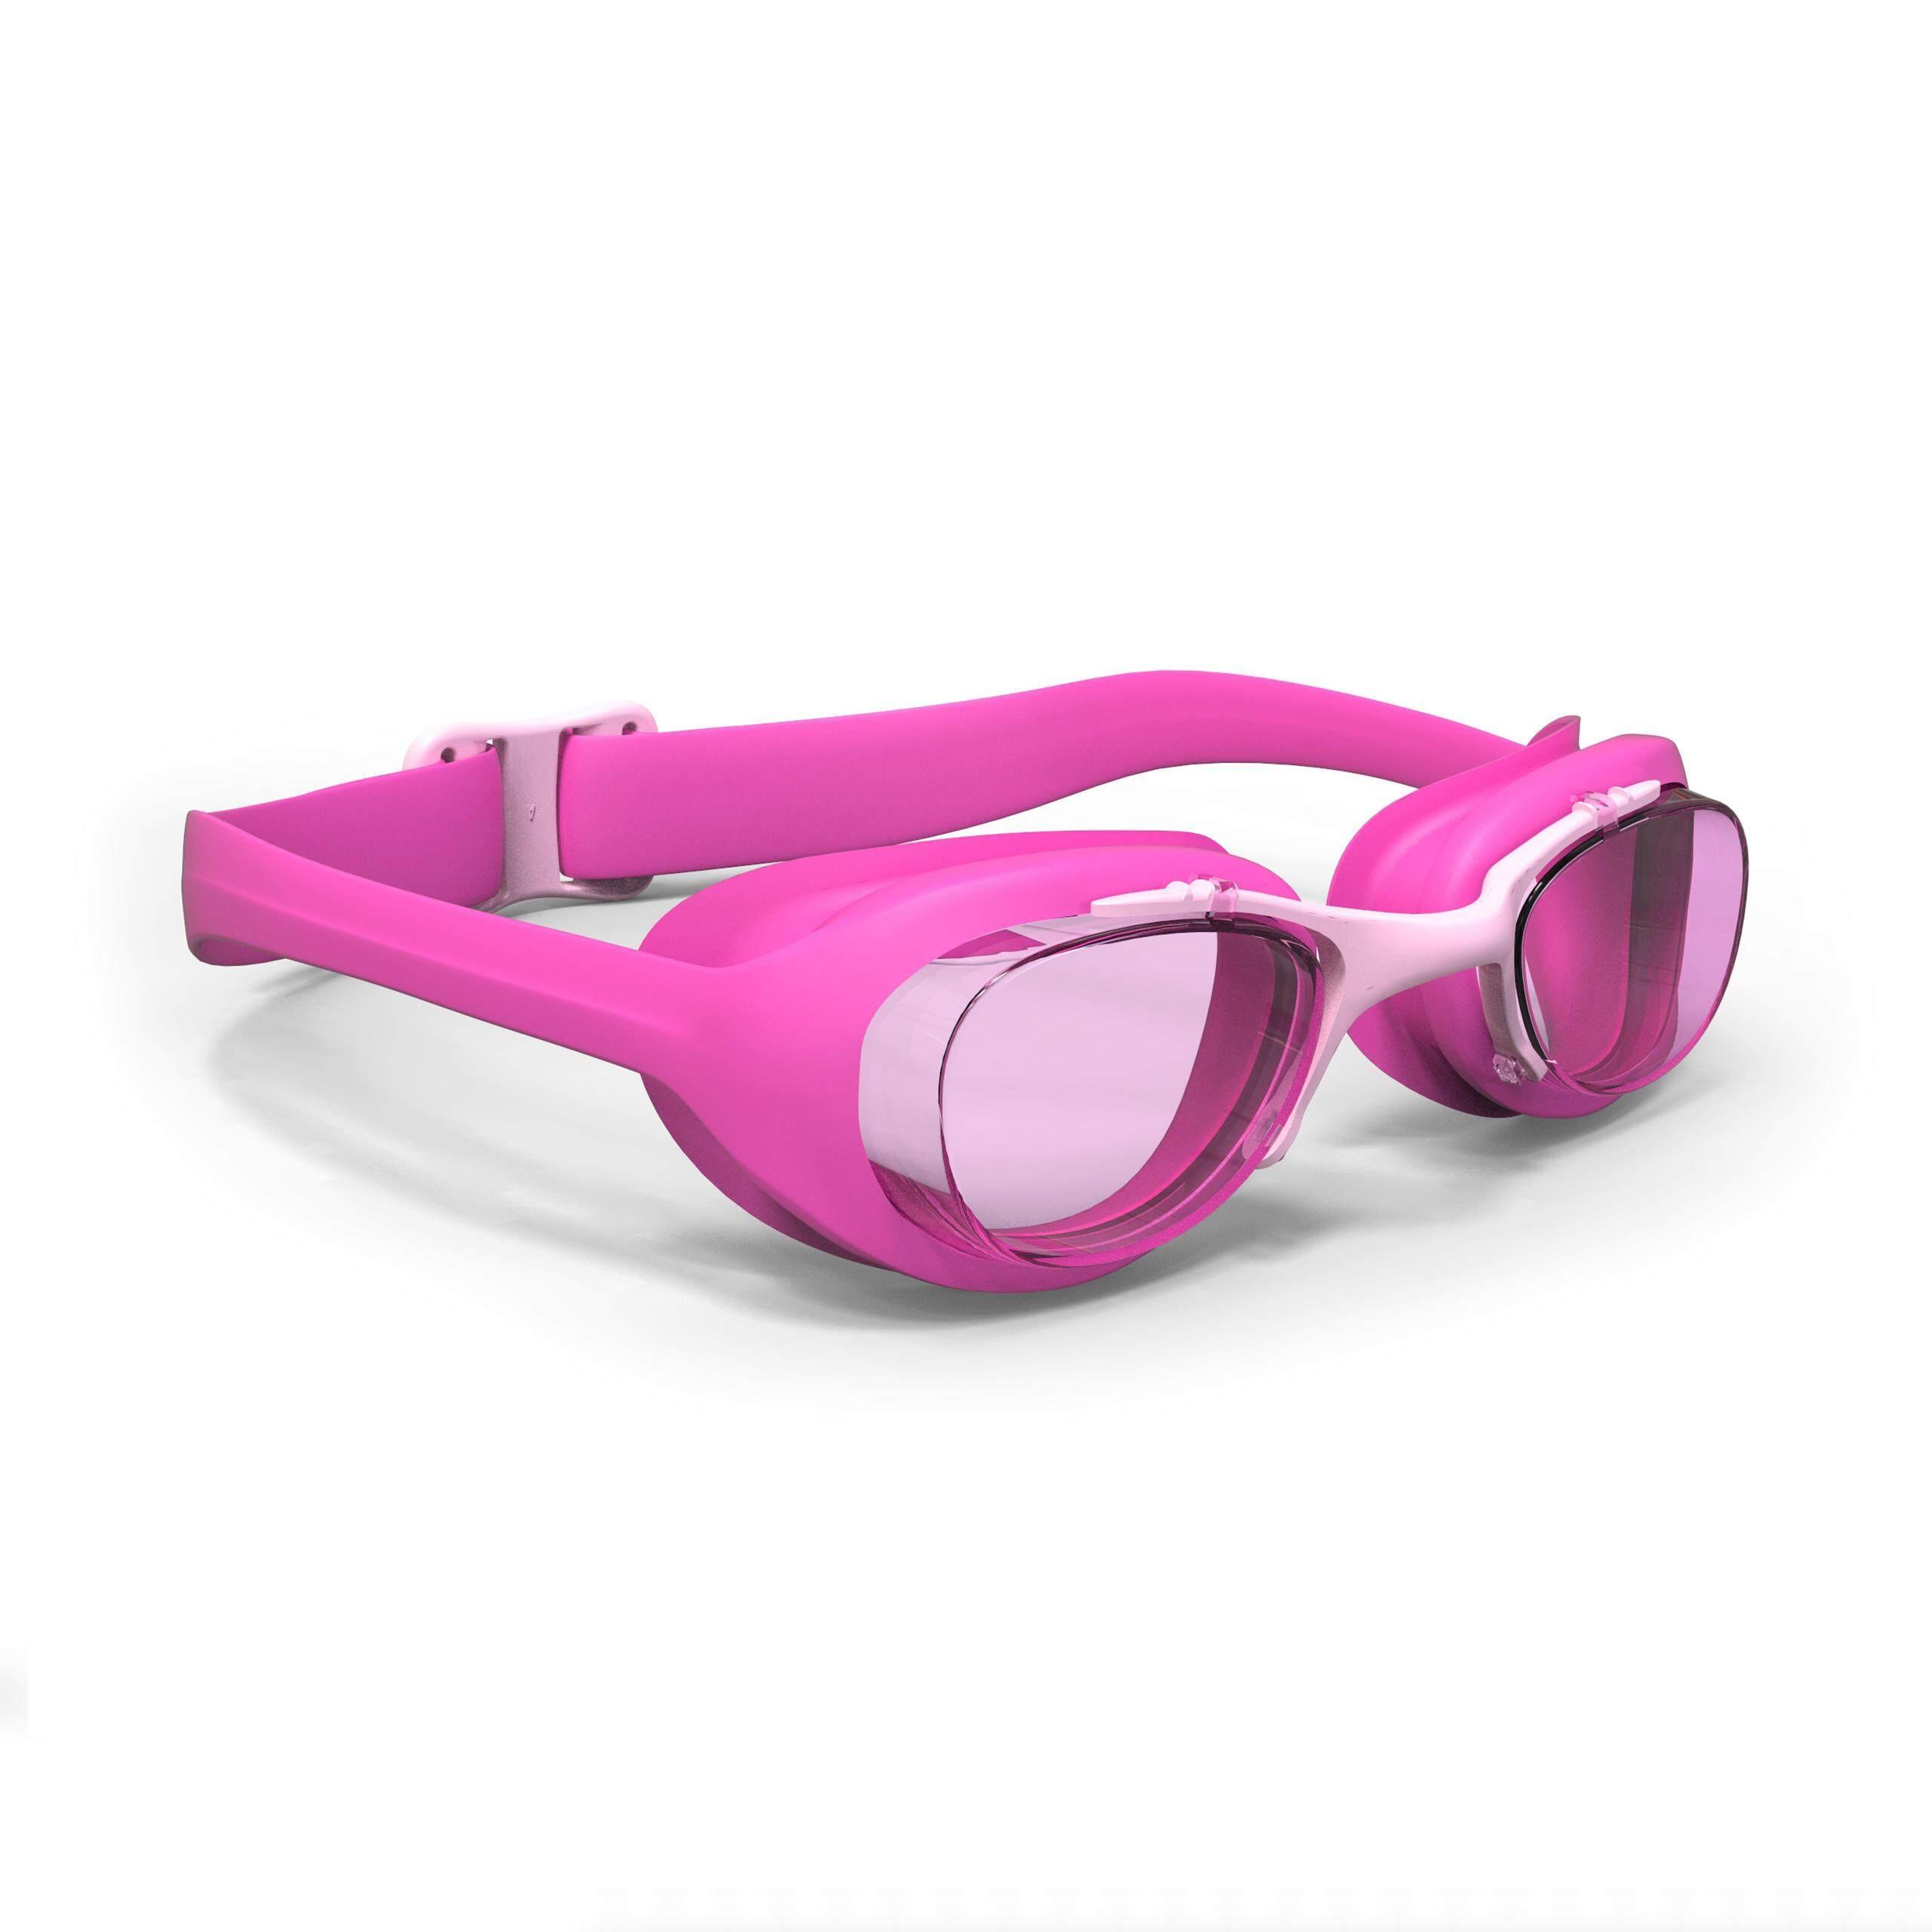 [ด่วน!! โปรโมชั่นมีจำนวนจำกัด] แว่นตาว่ายน้ำรุ่น 100 XBASE ขนาด S (สีชมพู) สำหรับ ว่ายน้ำ